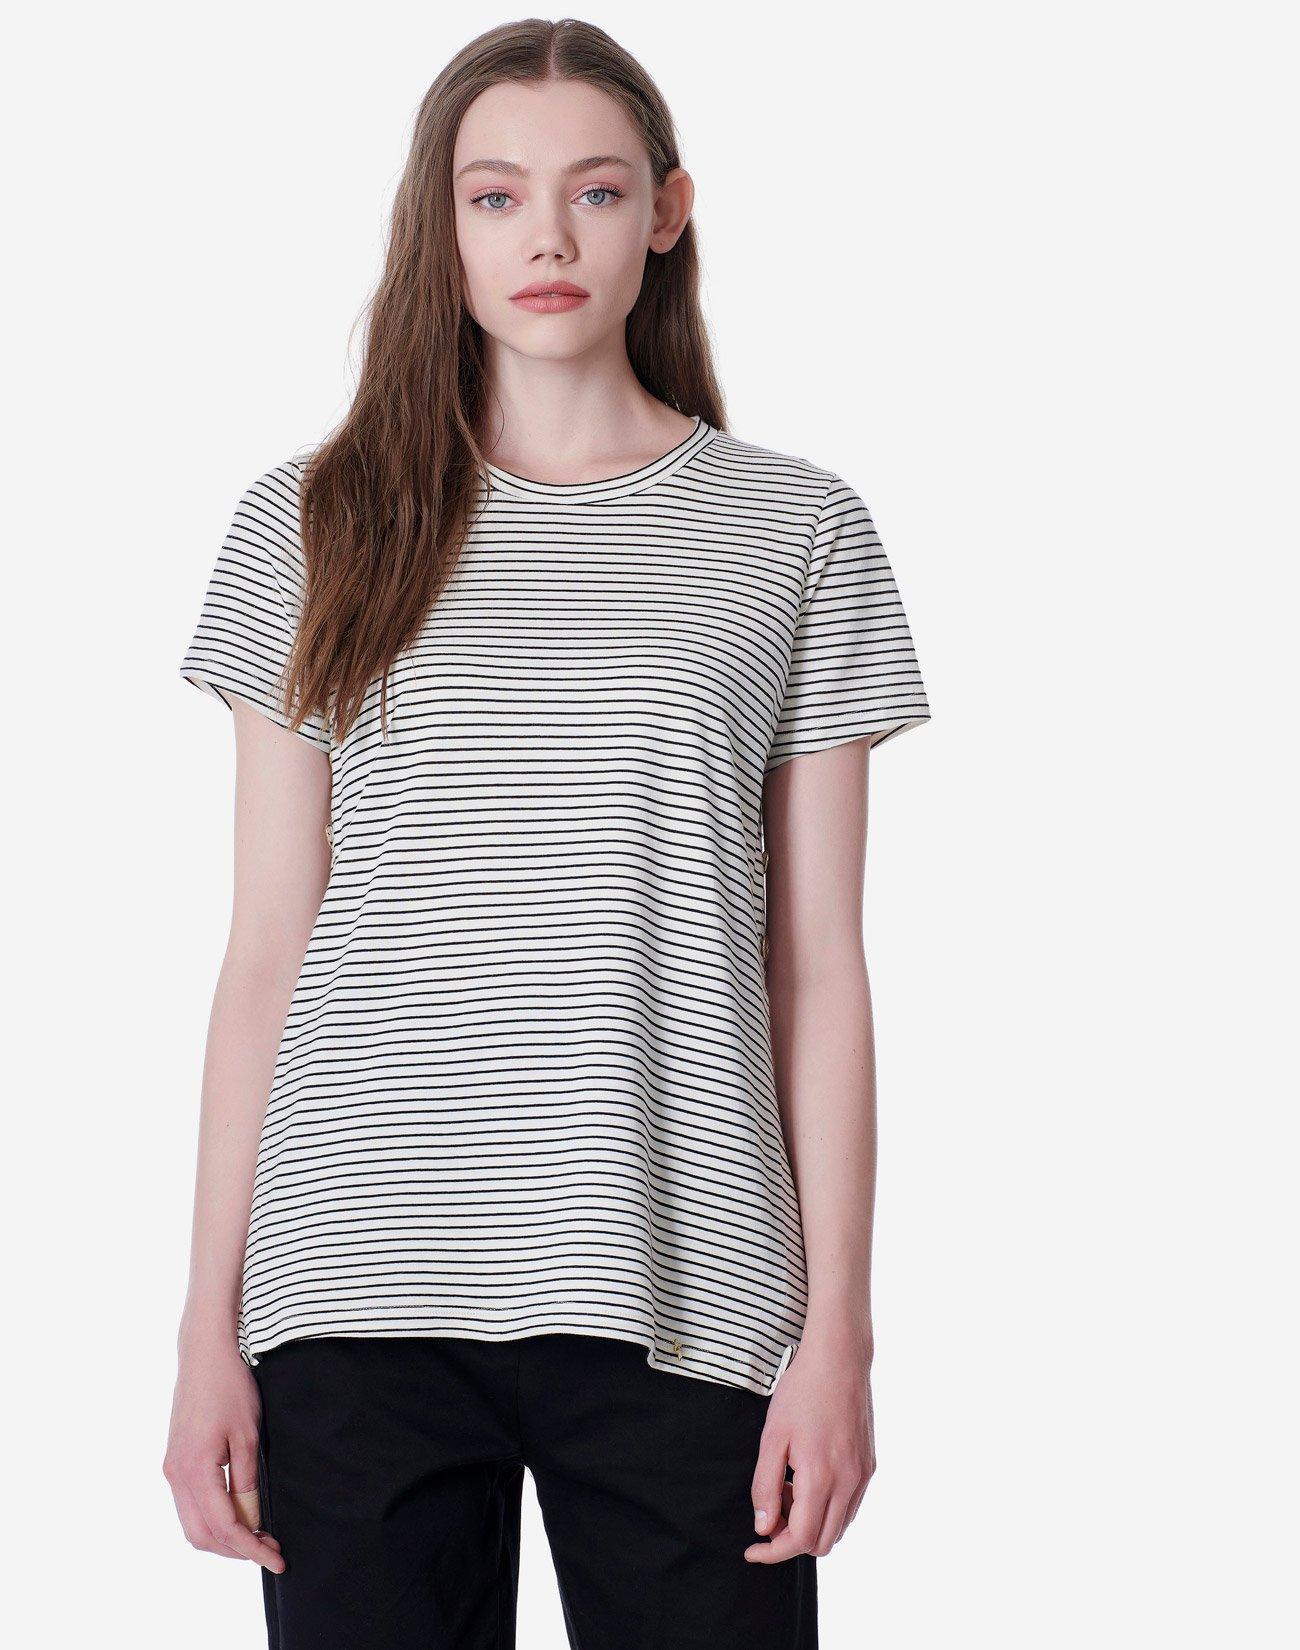 Ριγέ μπλούζα με κουμπιά